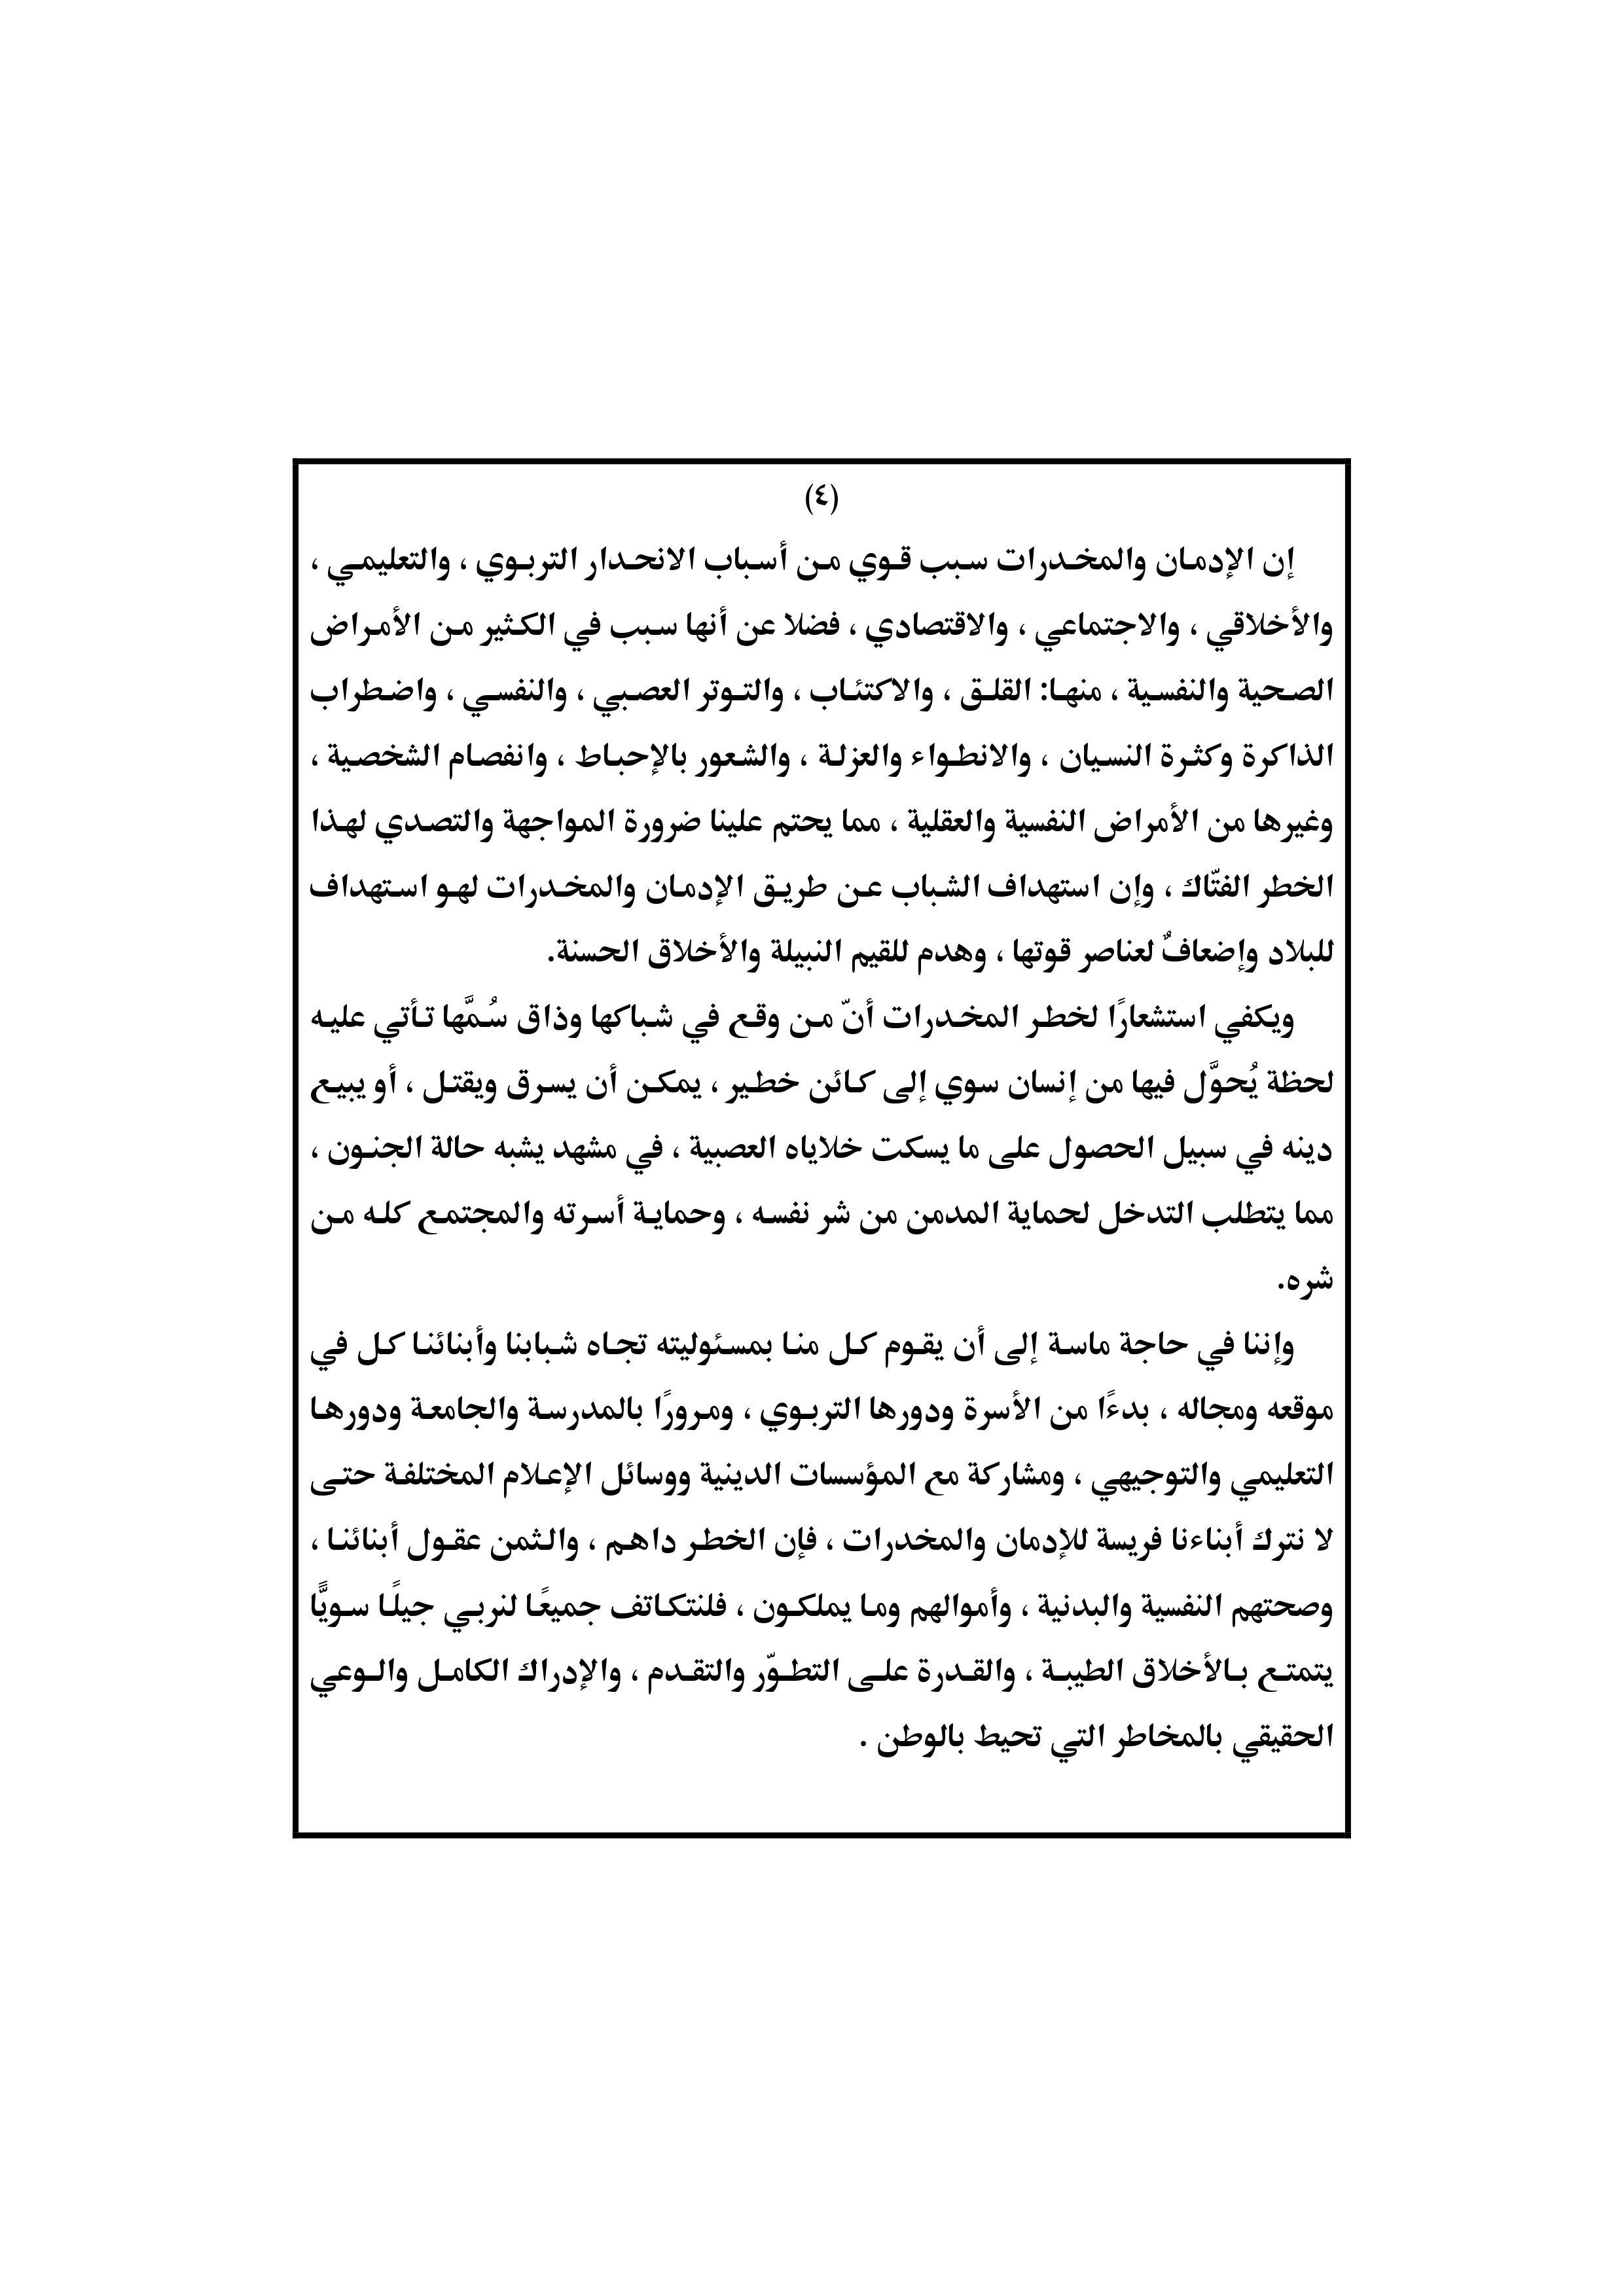 خطبة الجمعة 22 مارس 2019 ، خطبة الجمعة القادمة لوزارة الأوقاف المصرية ، خطبة الوزارة ، خطبة الجمعة القادمة ، خطبة الجمعة لهذا اليوم